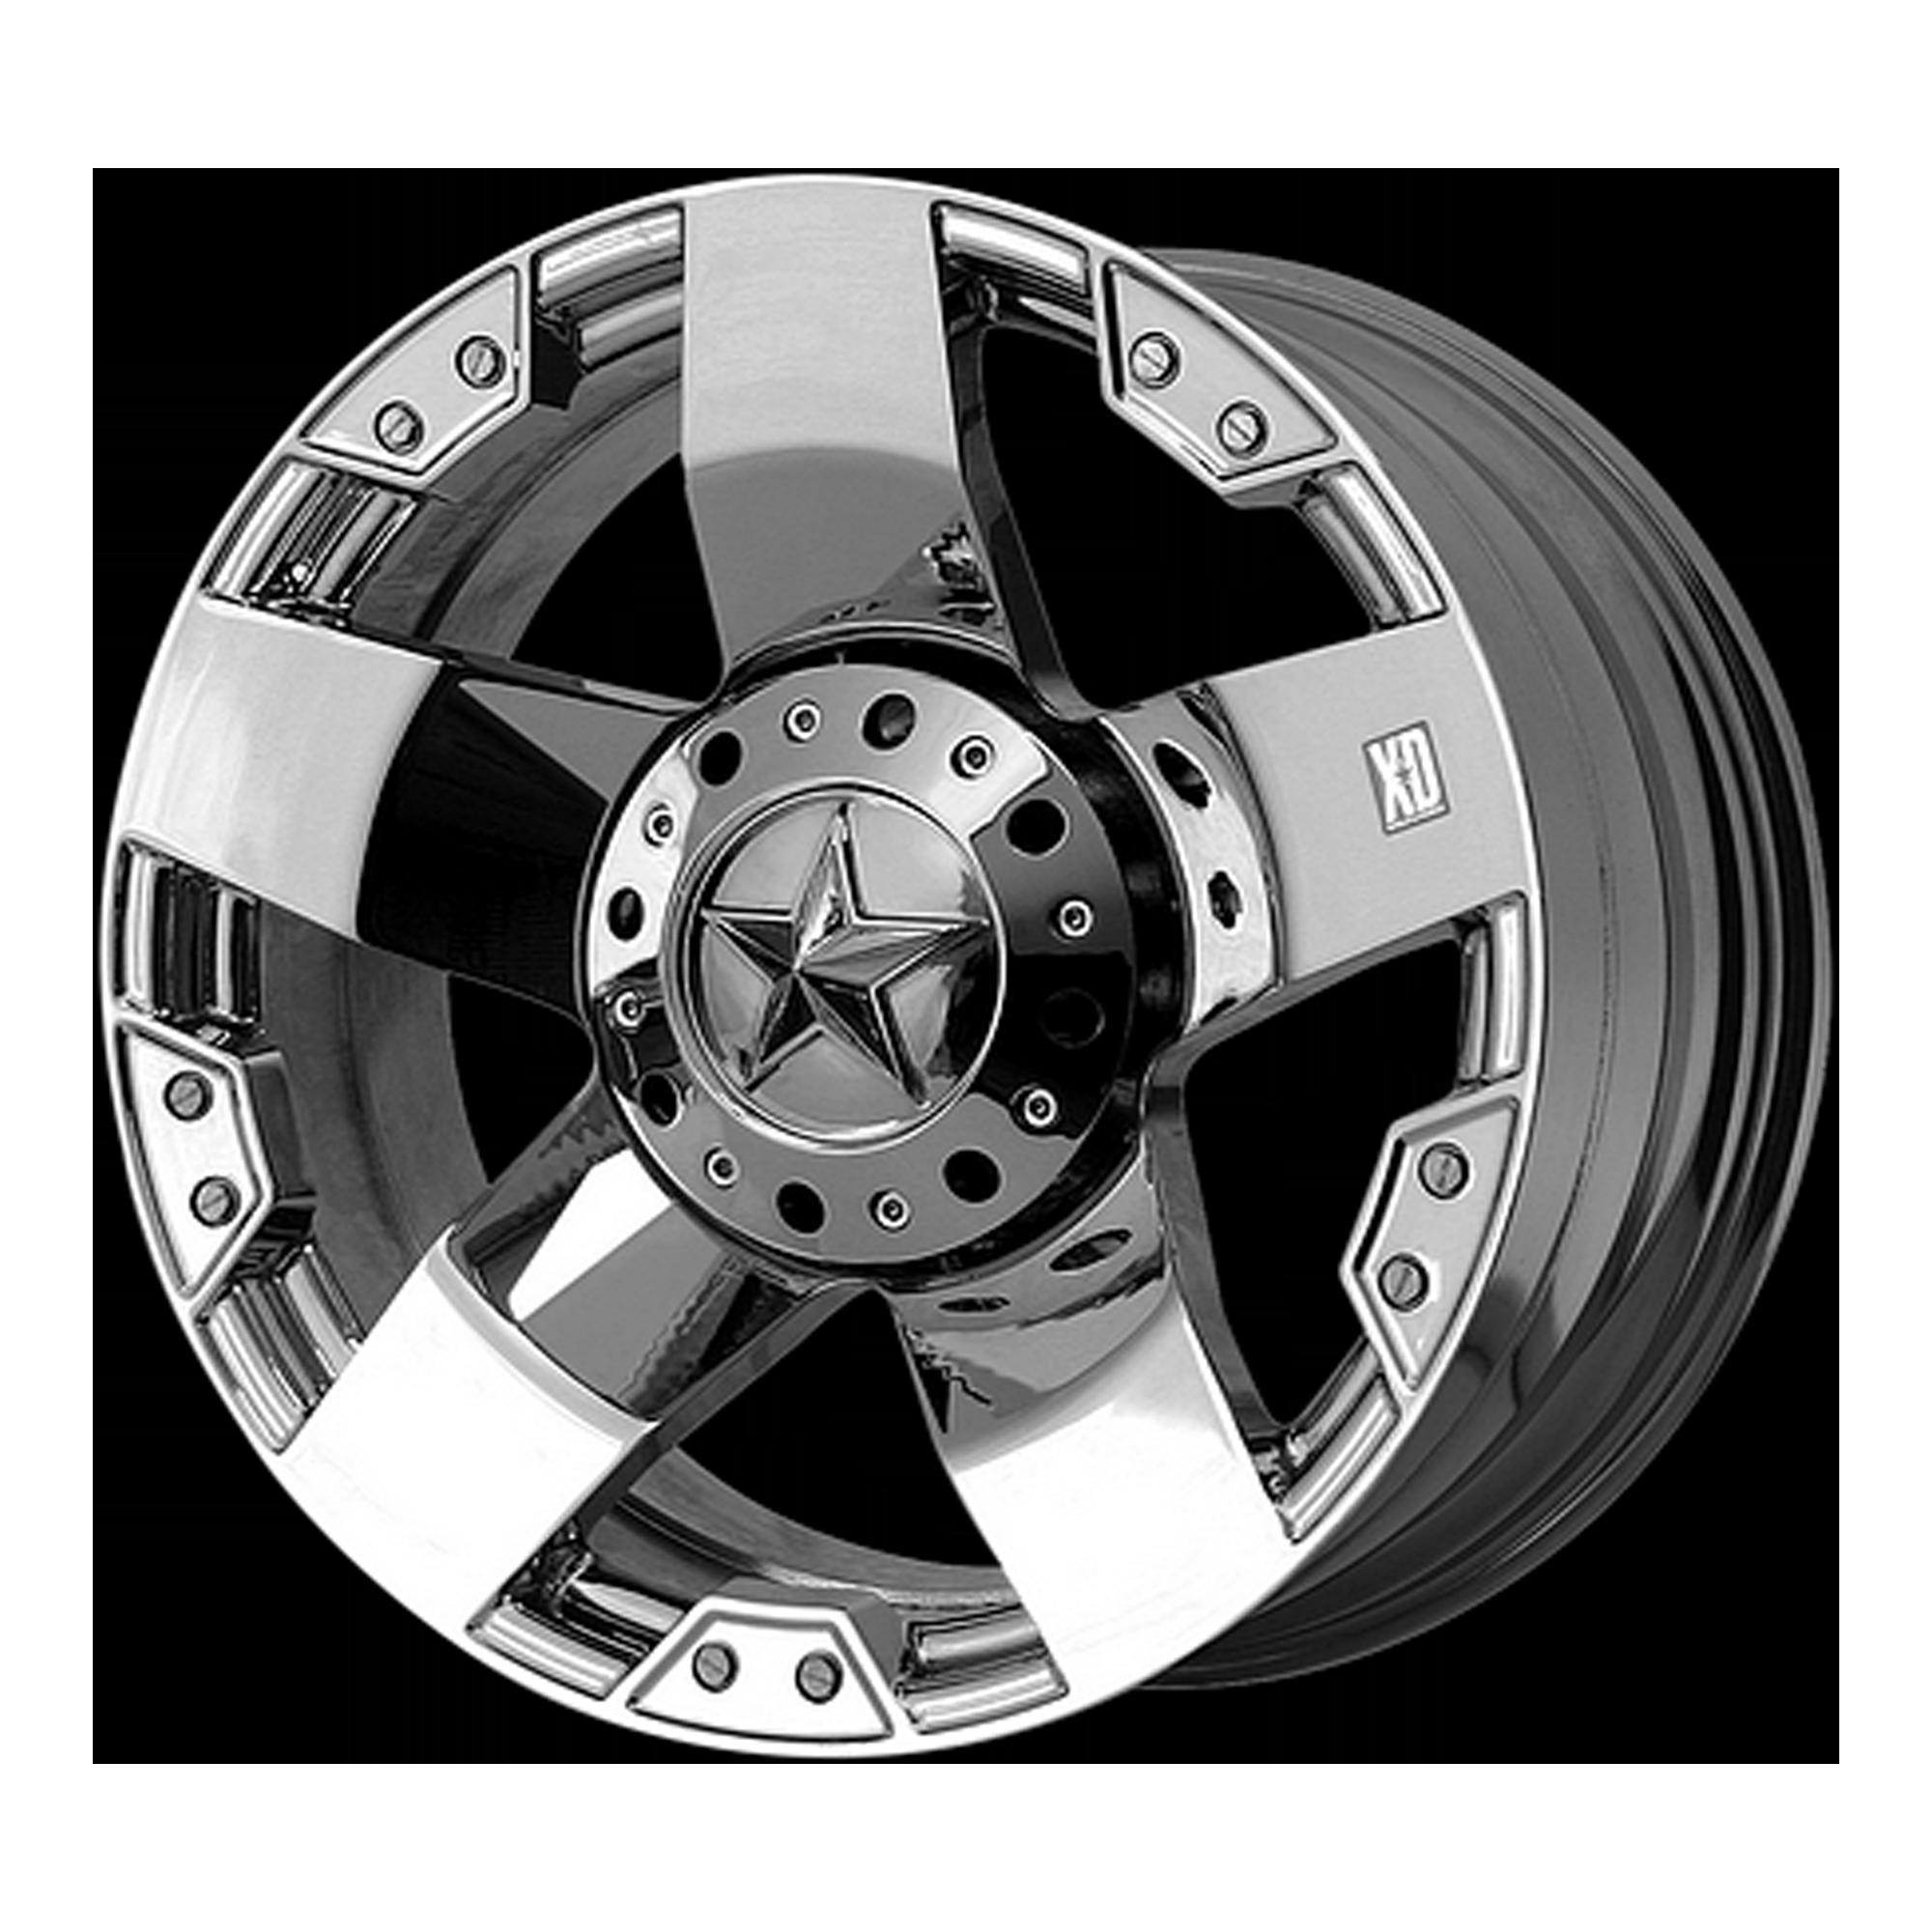 XD SERIES XD775 ROCKSTAR hliníkové disky 9,5x22 6x139,7 ET38 Chrome